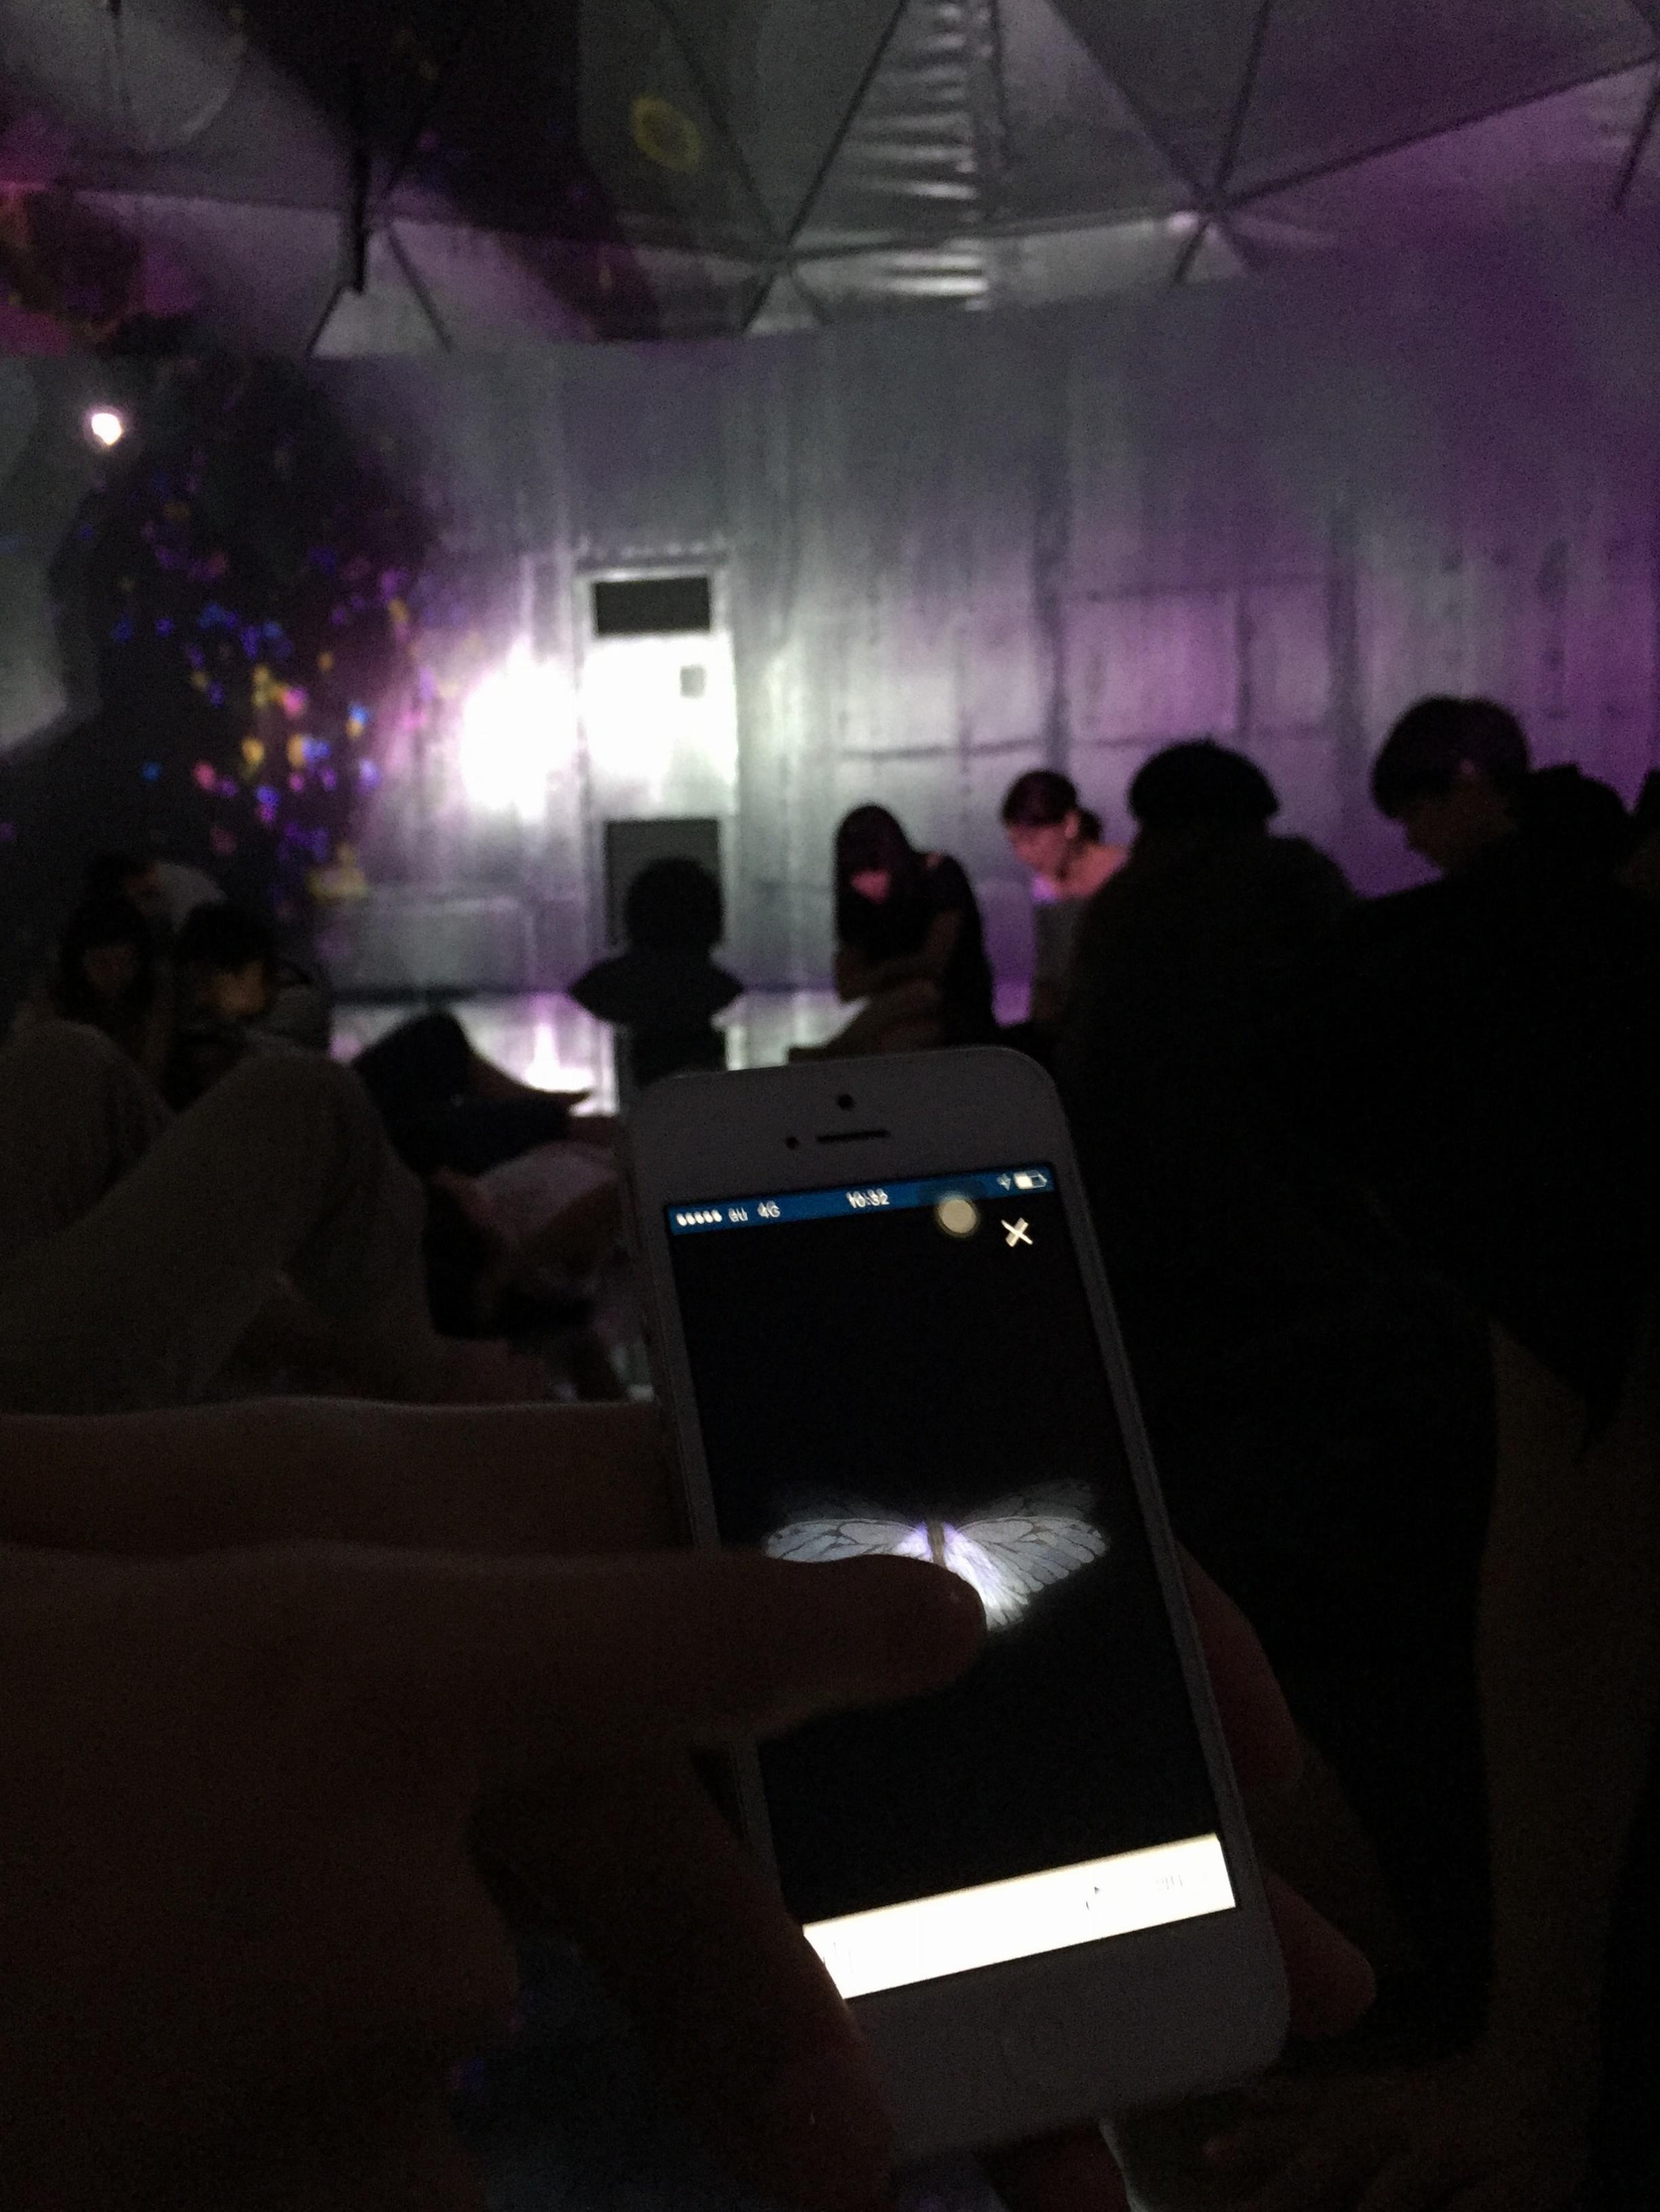 【夏のお出掛けスポット/DMM.プラネッツ Art by teamLab】水に浸かったり仰向けになったりして鑑賞する『デジタルアート』が幻想的✨8/31まで!お台場に急げ♩≪samenyan≫_20